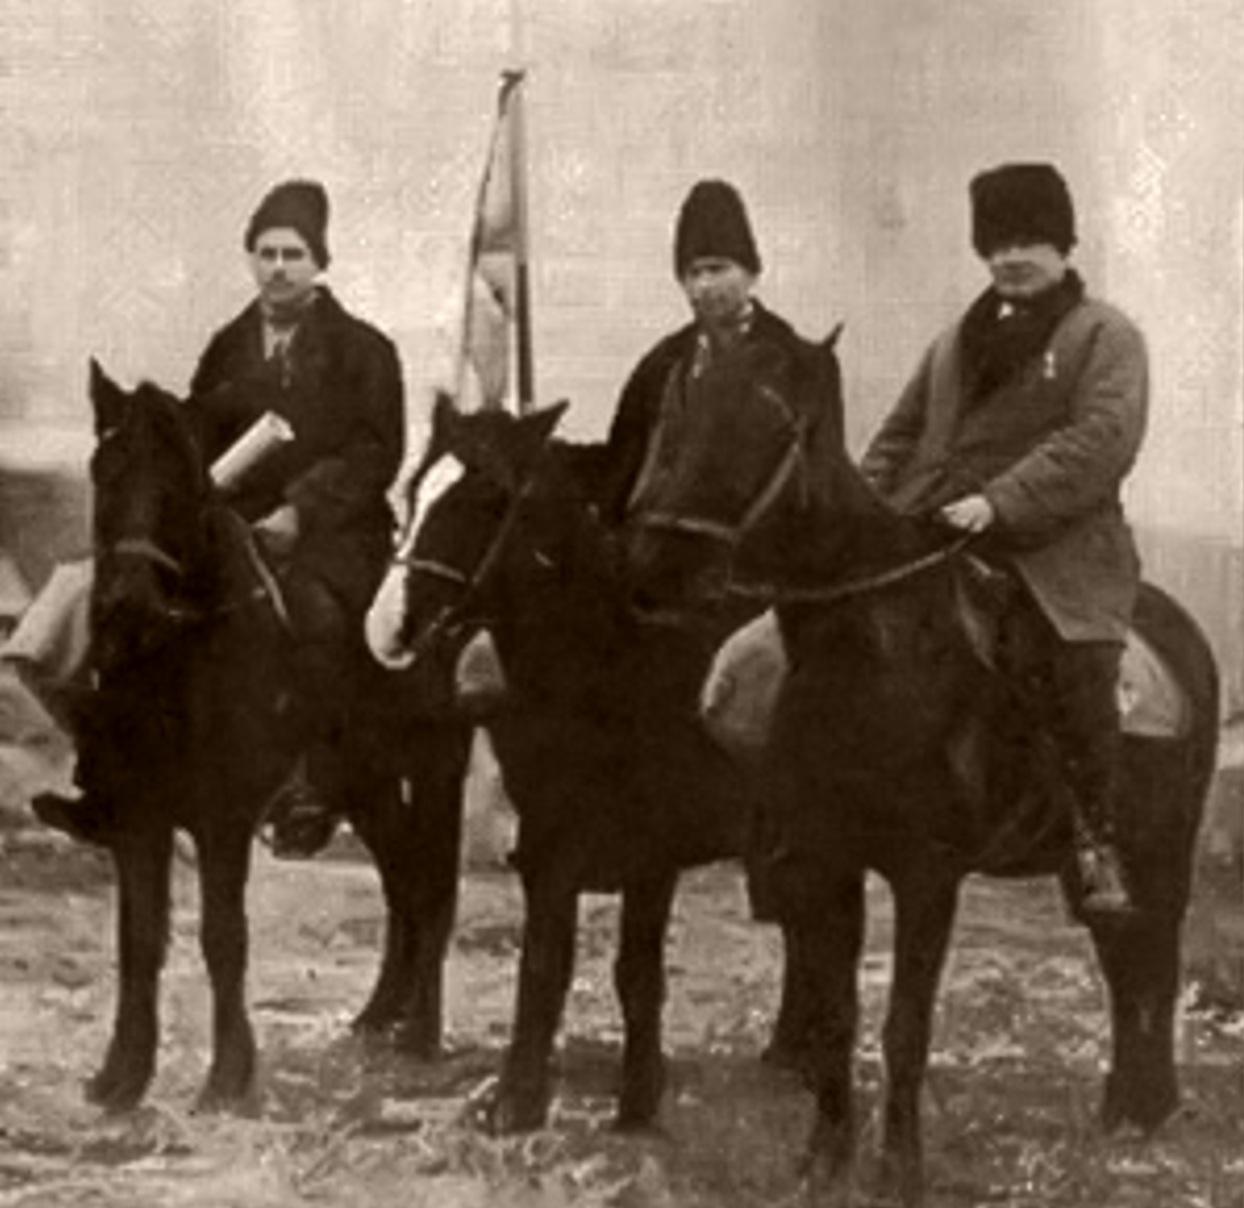 cavaleria_oastei_romanenco_chirila_chirica_trofim